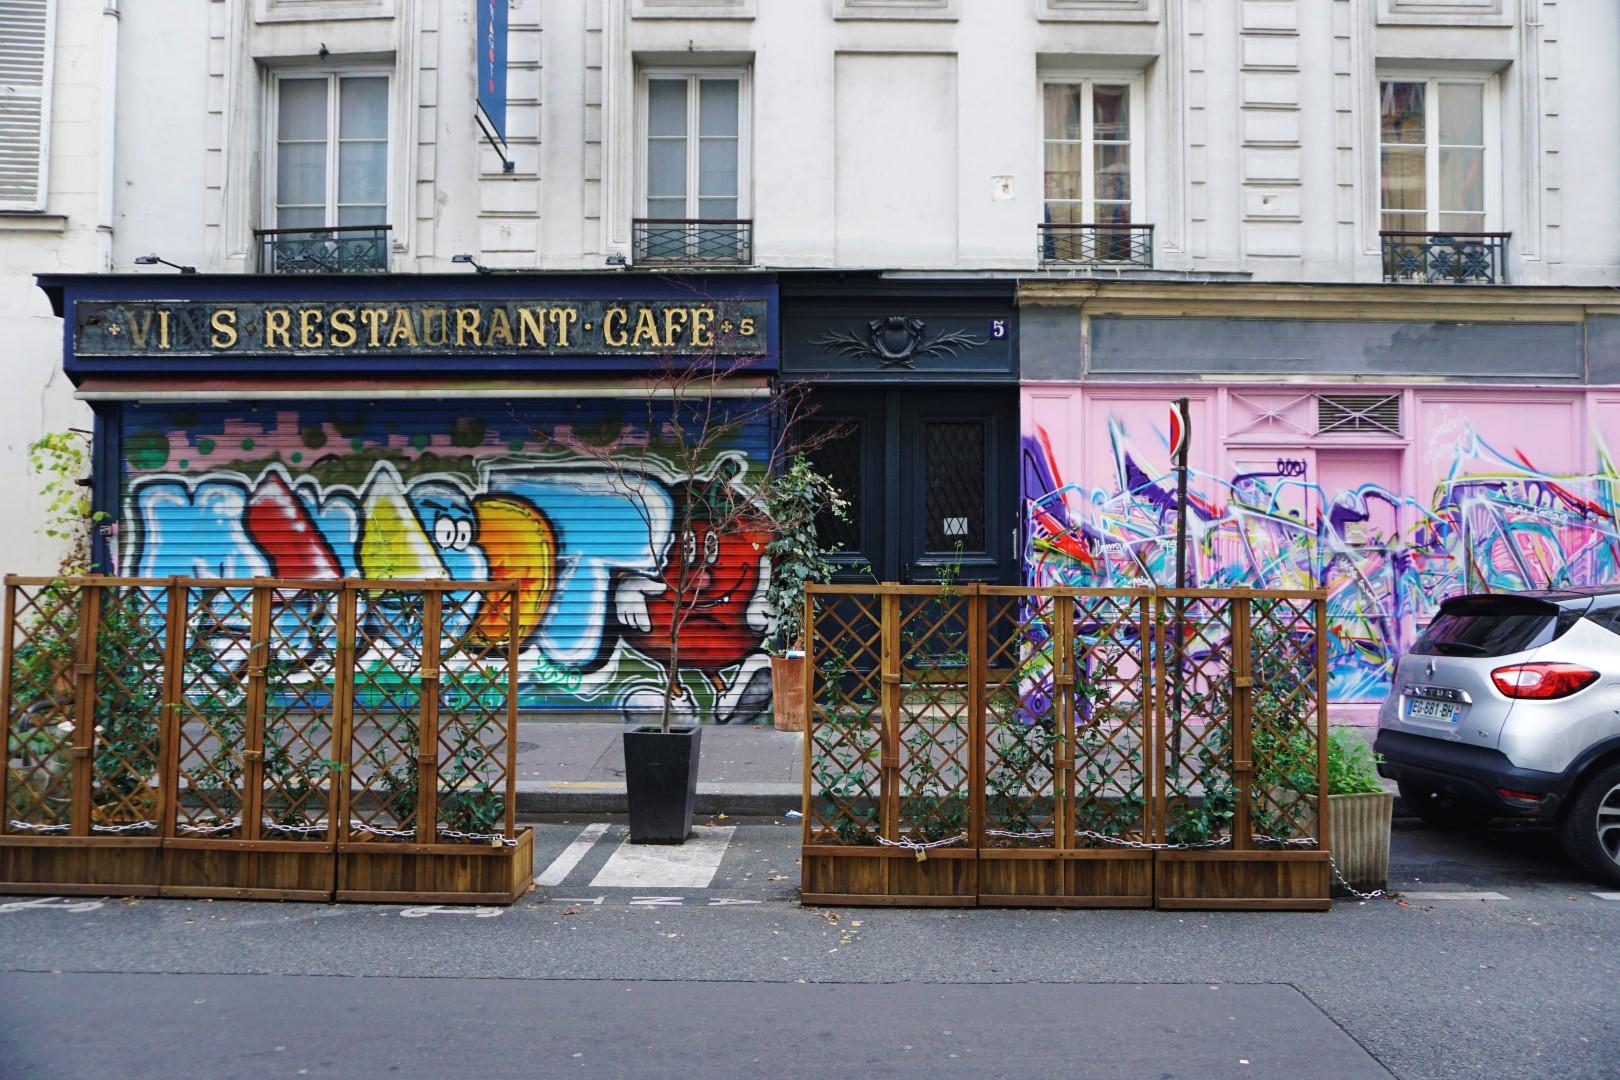 Rue des Petits hôtels - Balade dans les 9e et 10e arrondissements de Paris - De place de la République à Pigalle